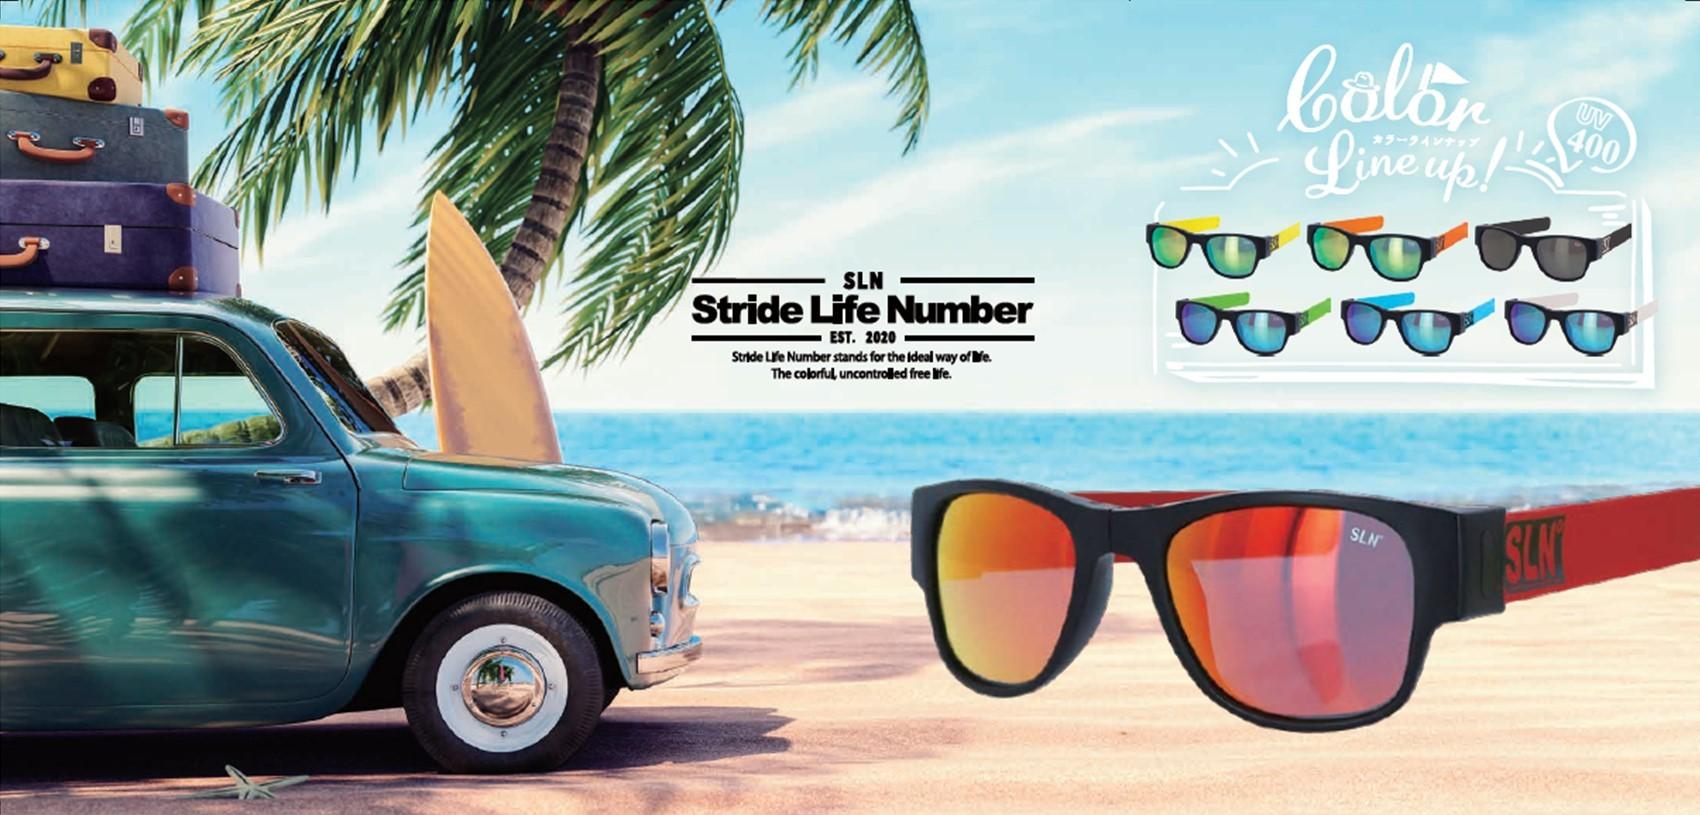 Stride Life Number